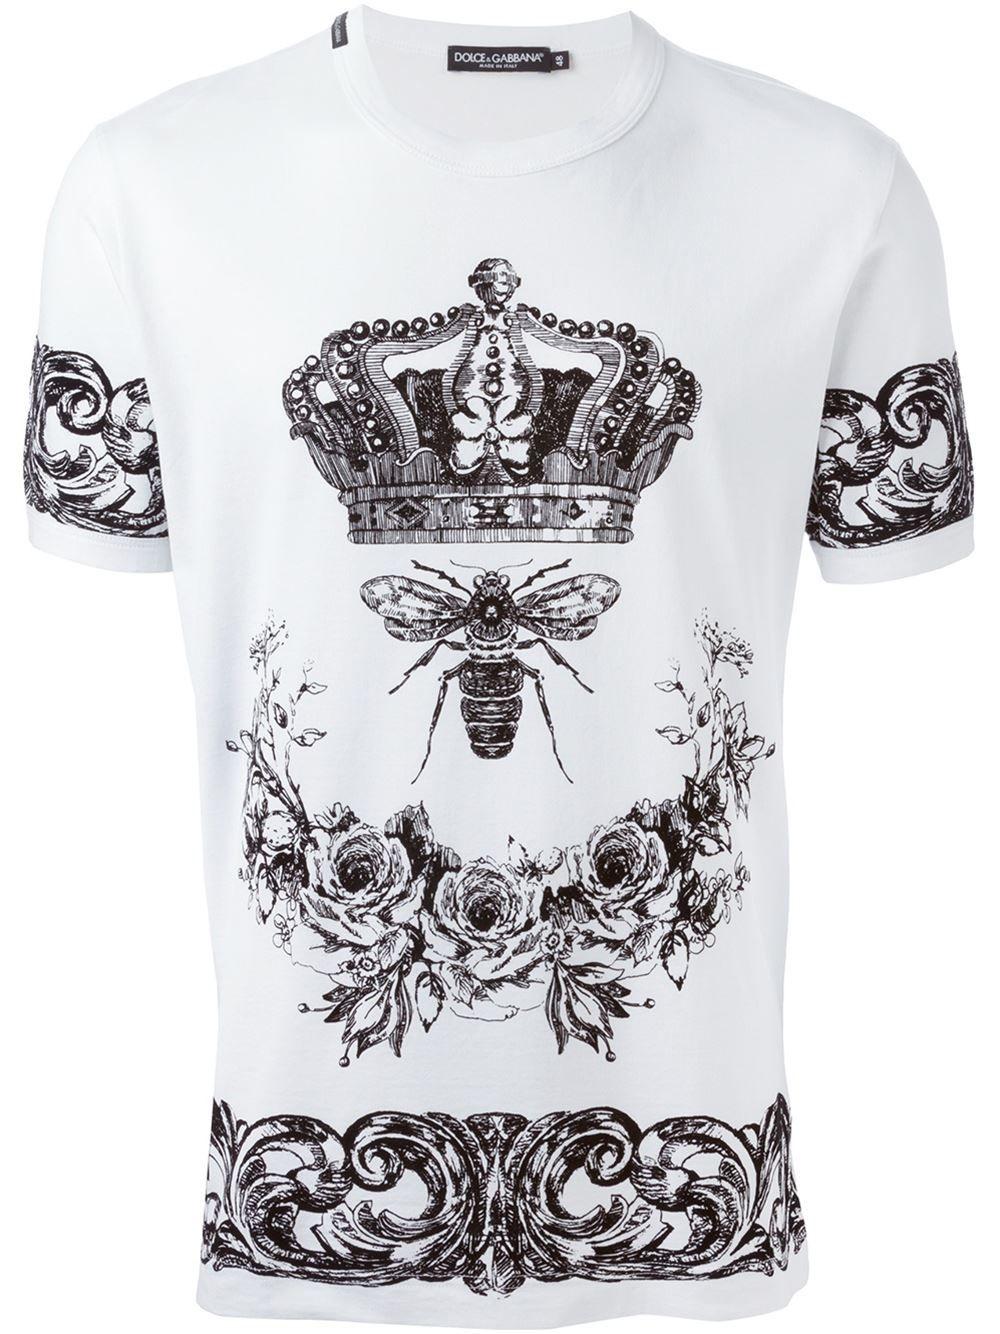 d8e29b1c0 Dolce & Gabbana Camiseta Com Estampa - Parisi - Farfetch.com ...